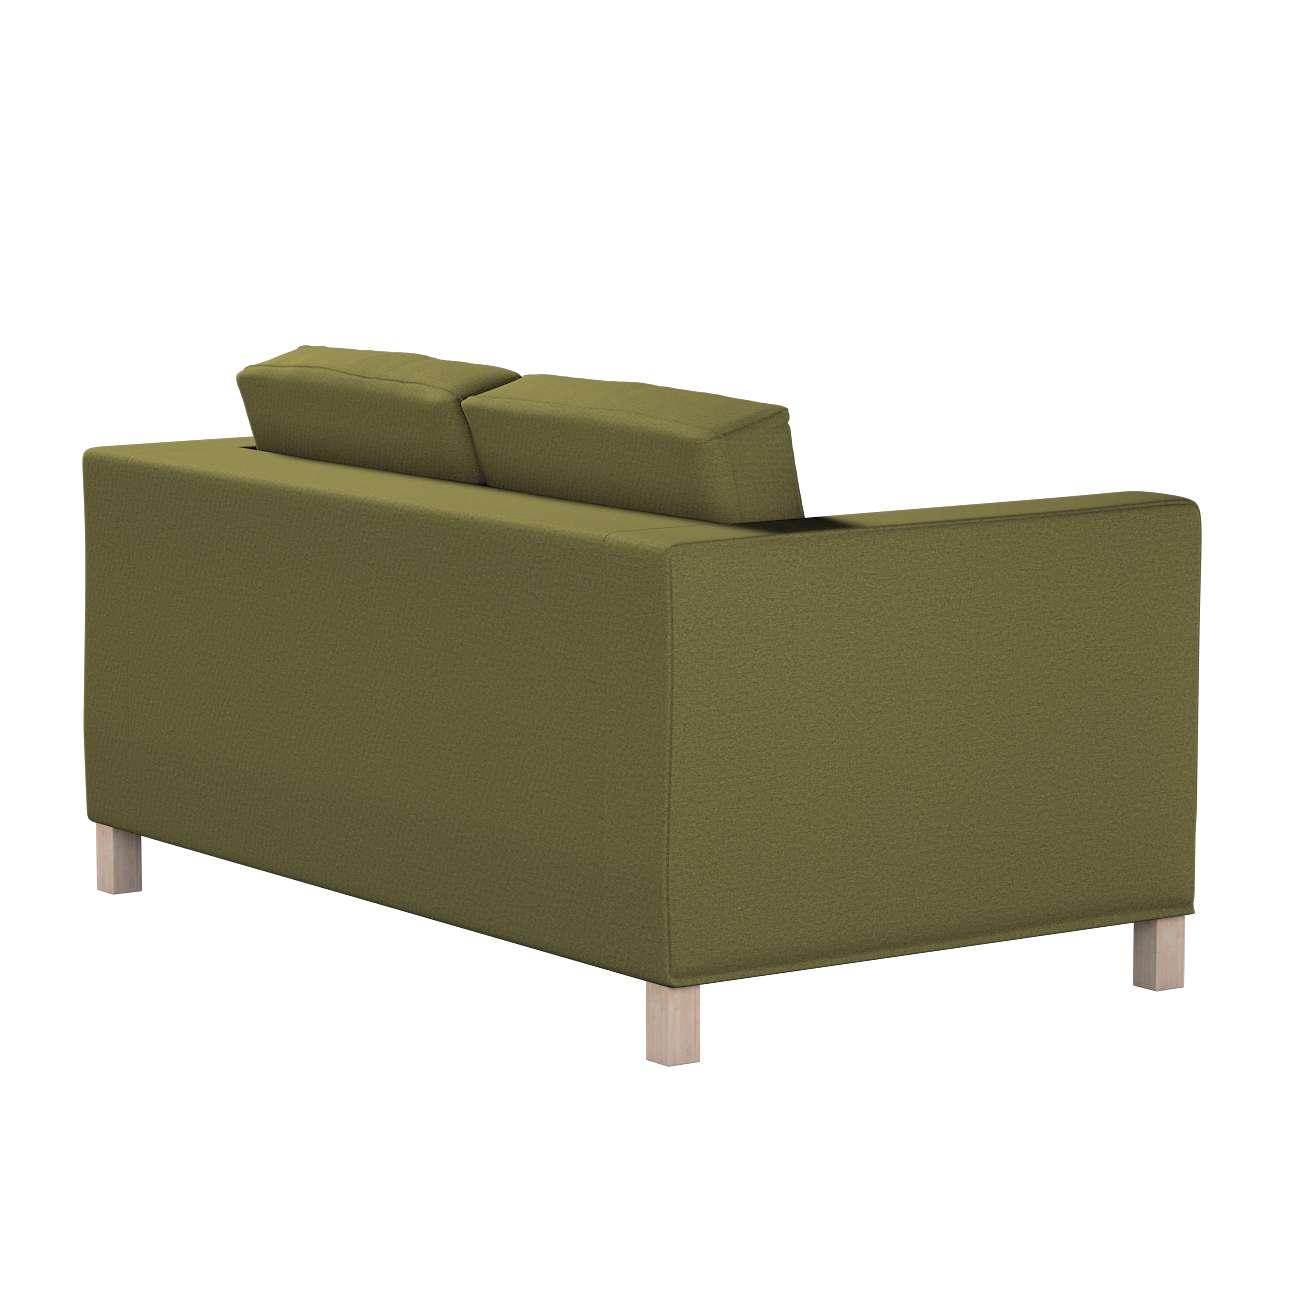 Karlanda klädsel<br>2-sits soffa - kort klädsel i kollektionen Etna, Tyg: 161-26